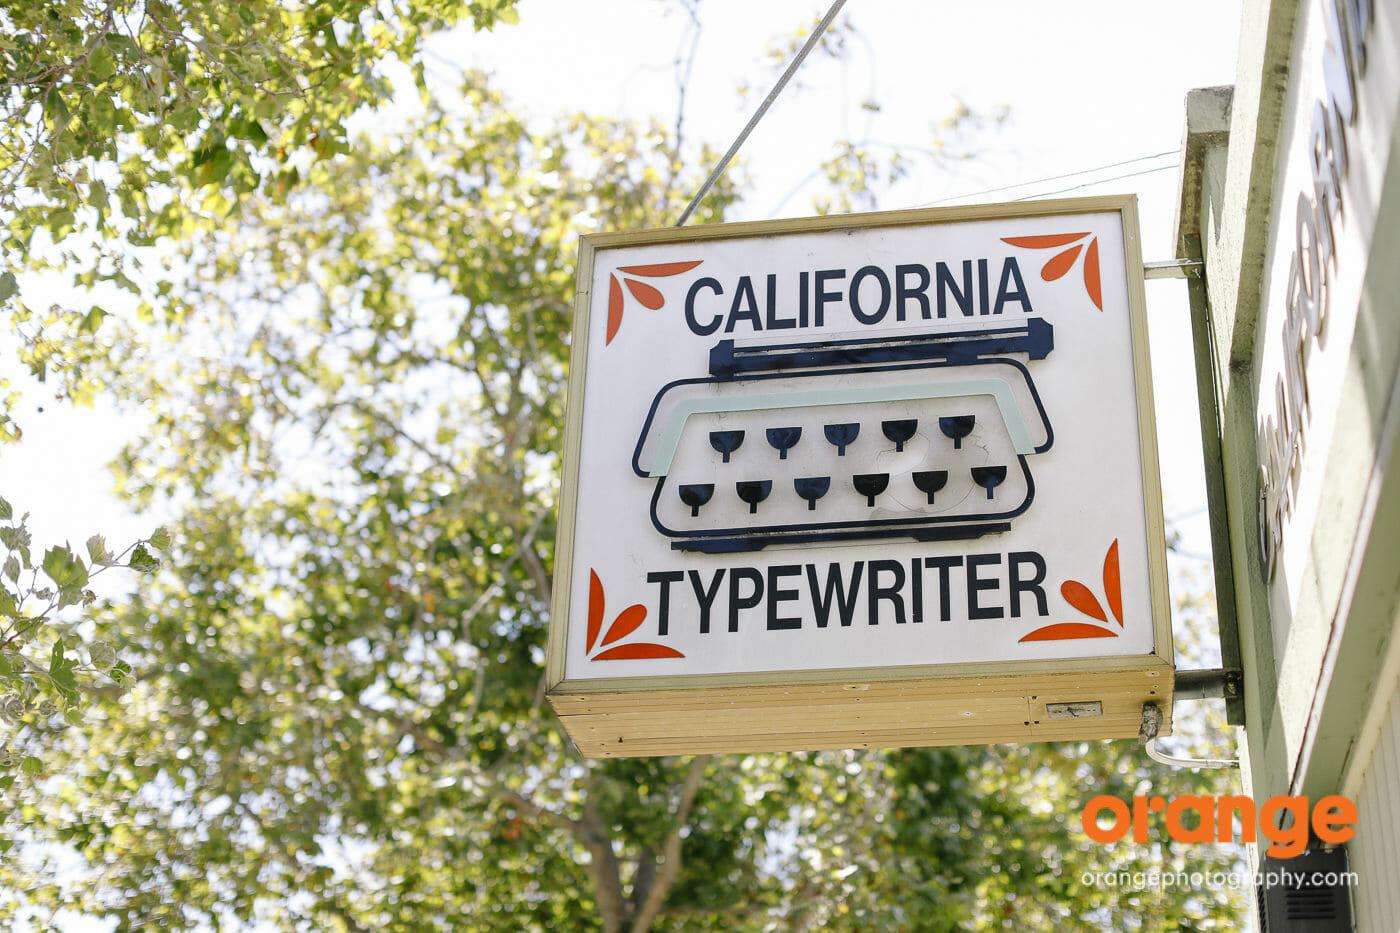 California Typewriter: analog inspiration